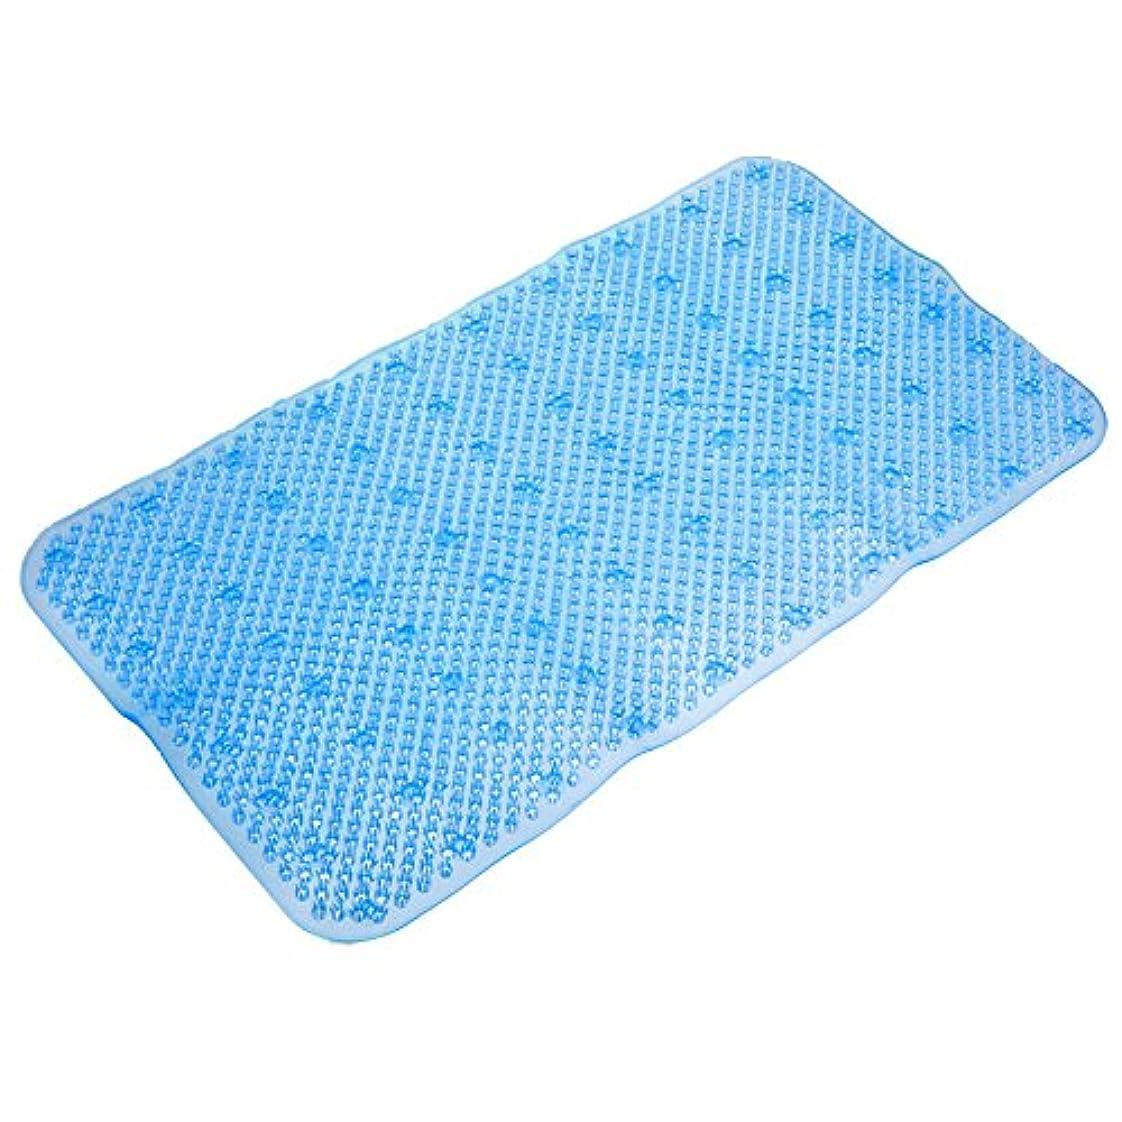 通貨あまりにもフォーマット便利な pvc 34 × 64 センチ非スリップ風呂浴室シャワー トイレ アンチスリップフロアマット吸引吸盤パッド足マッサージ の敷物5色-青い